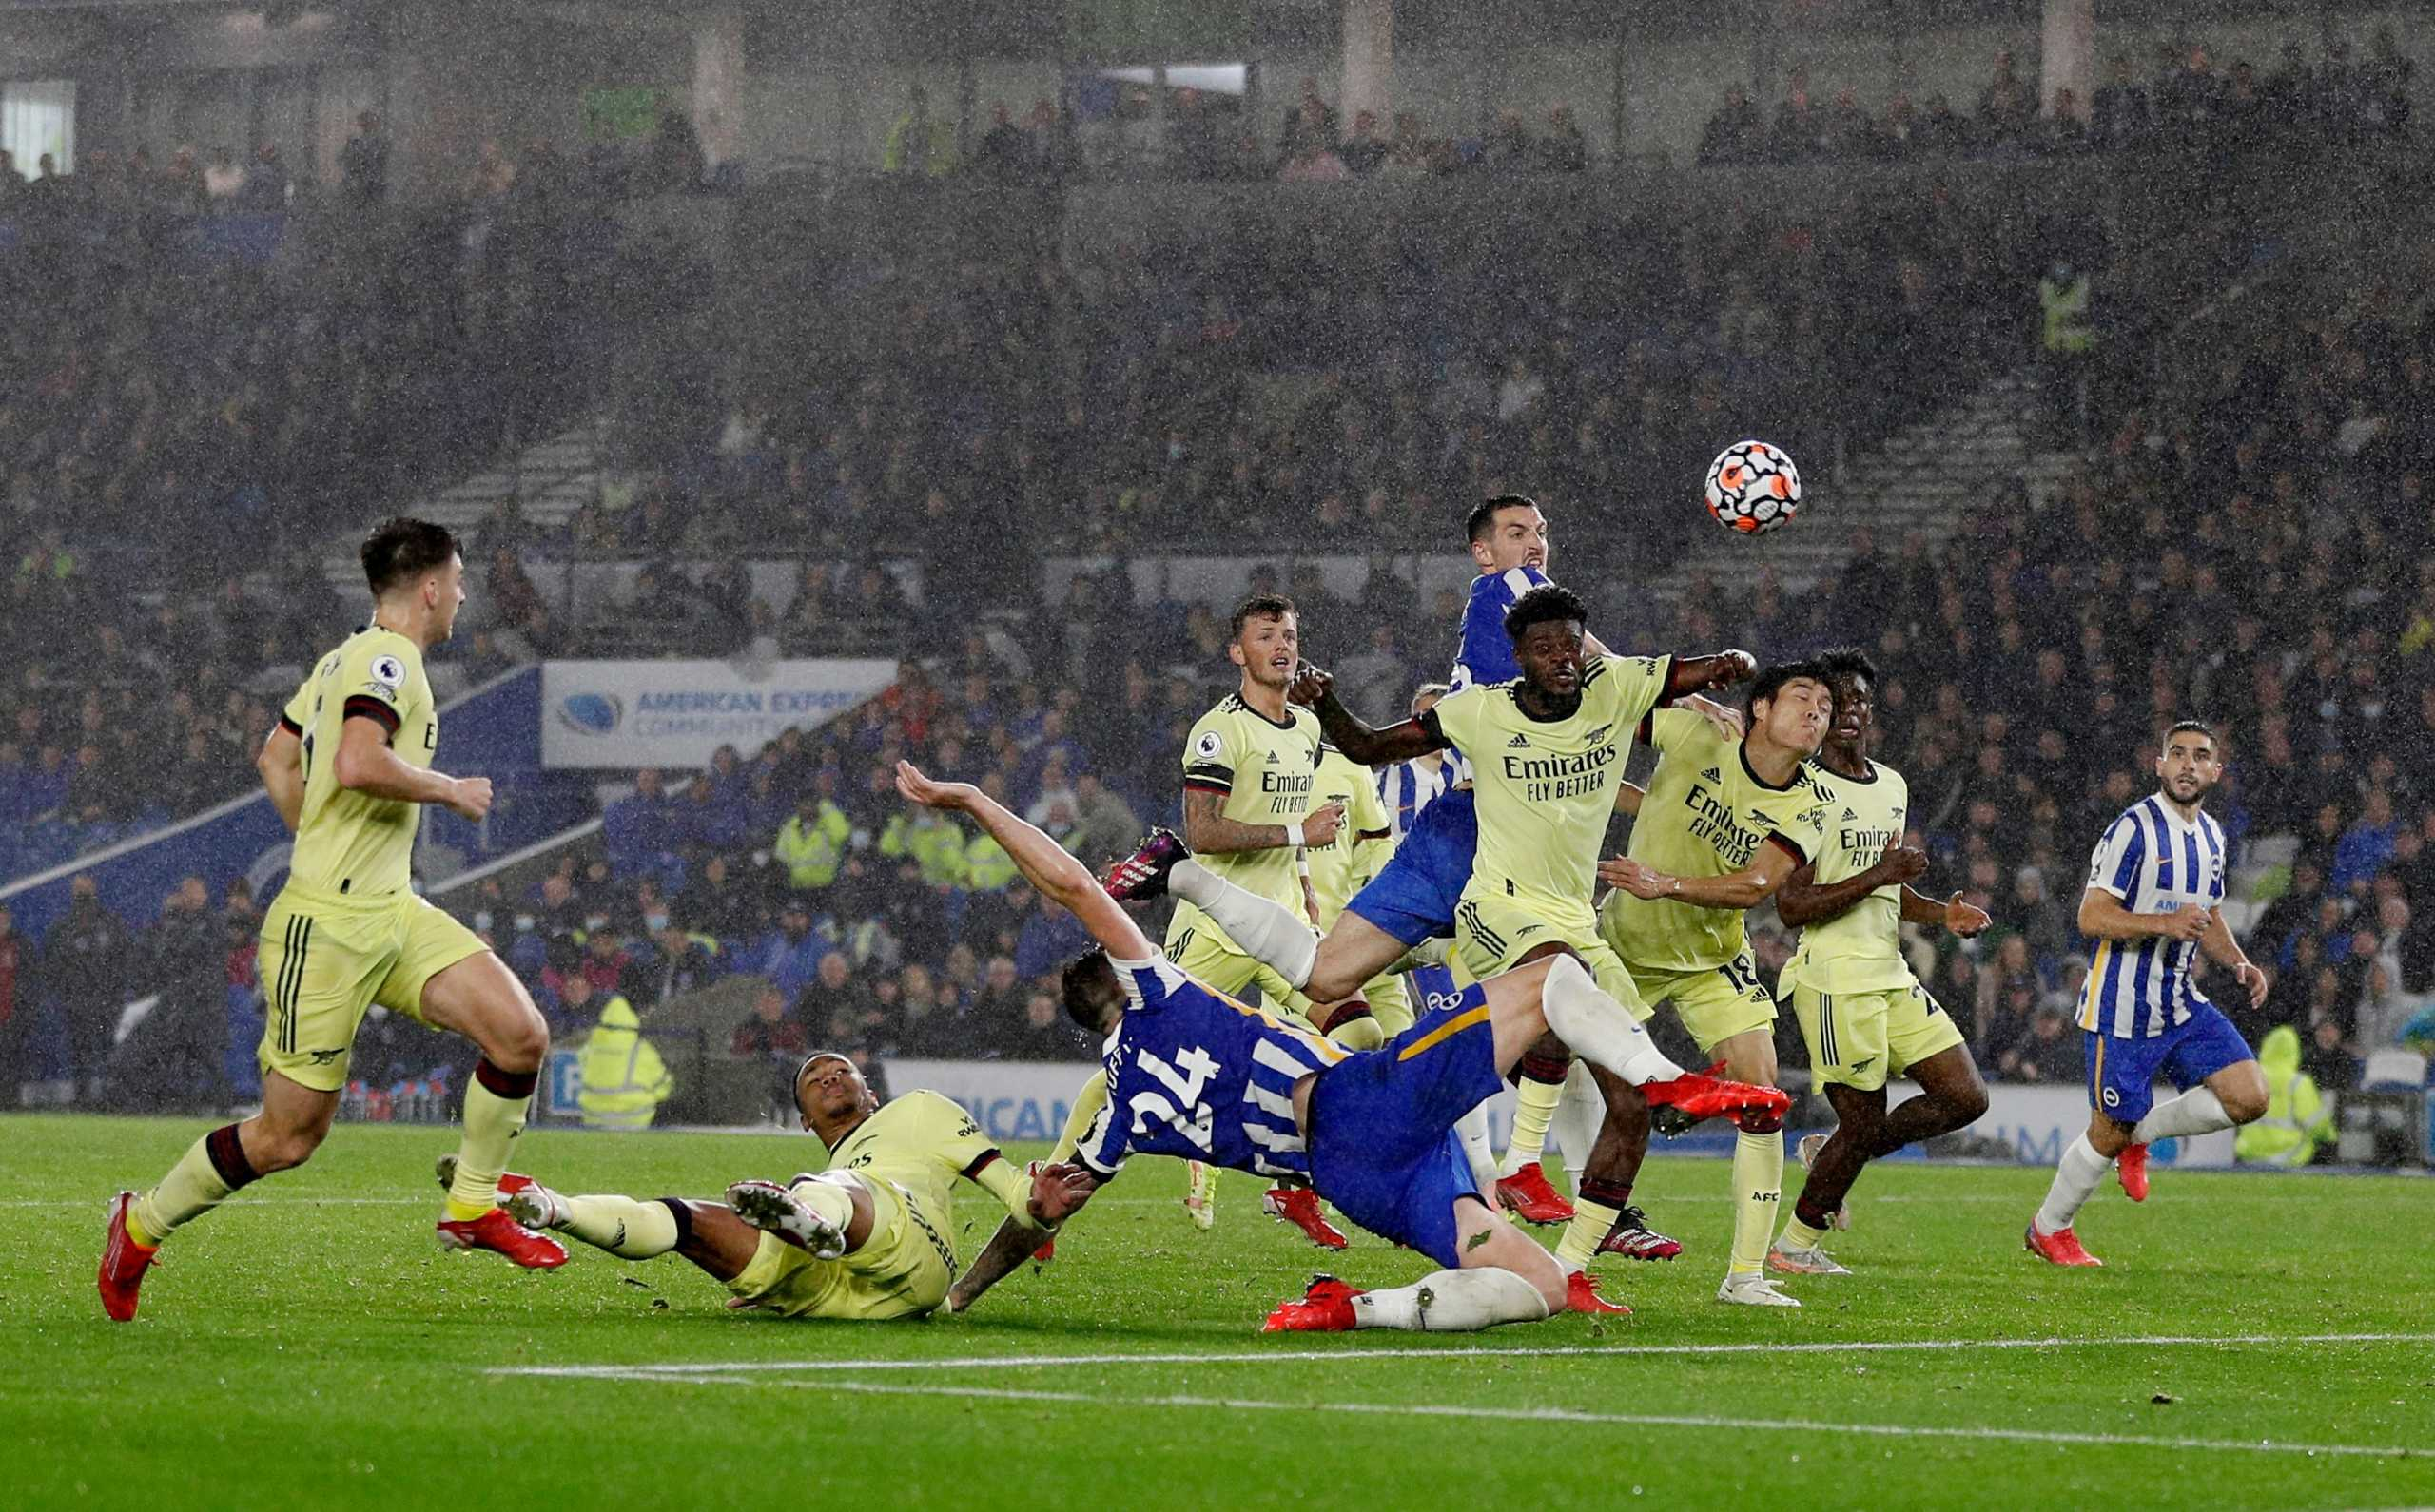 Premier League, Μπράιτον – Άρσεναλ 0-0: Stop στο σερί των Λονδρέζων